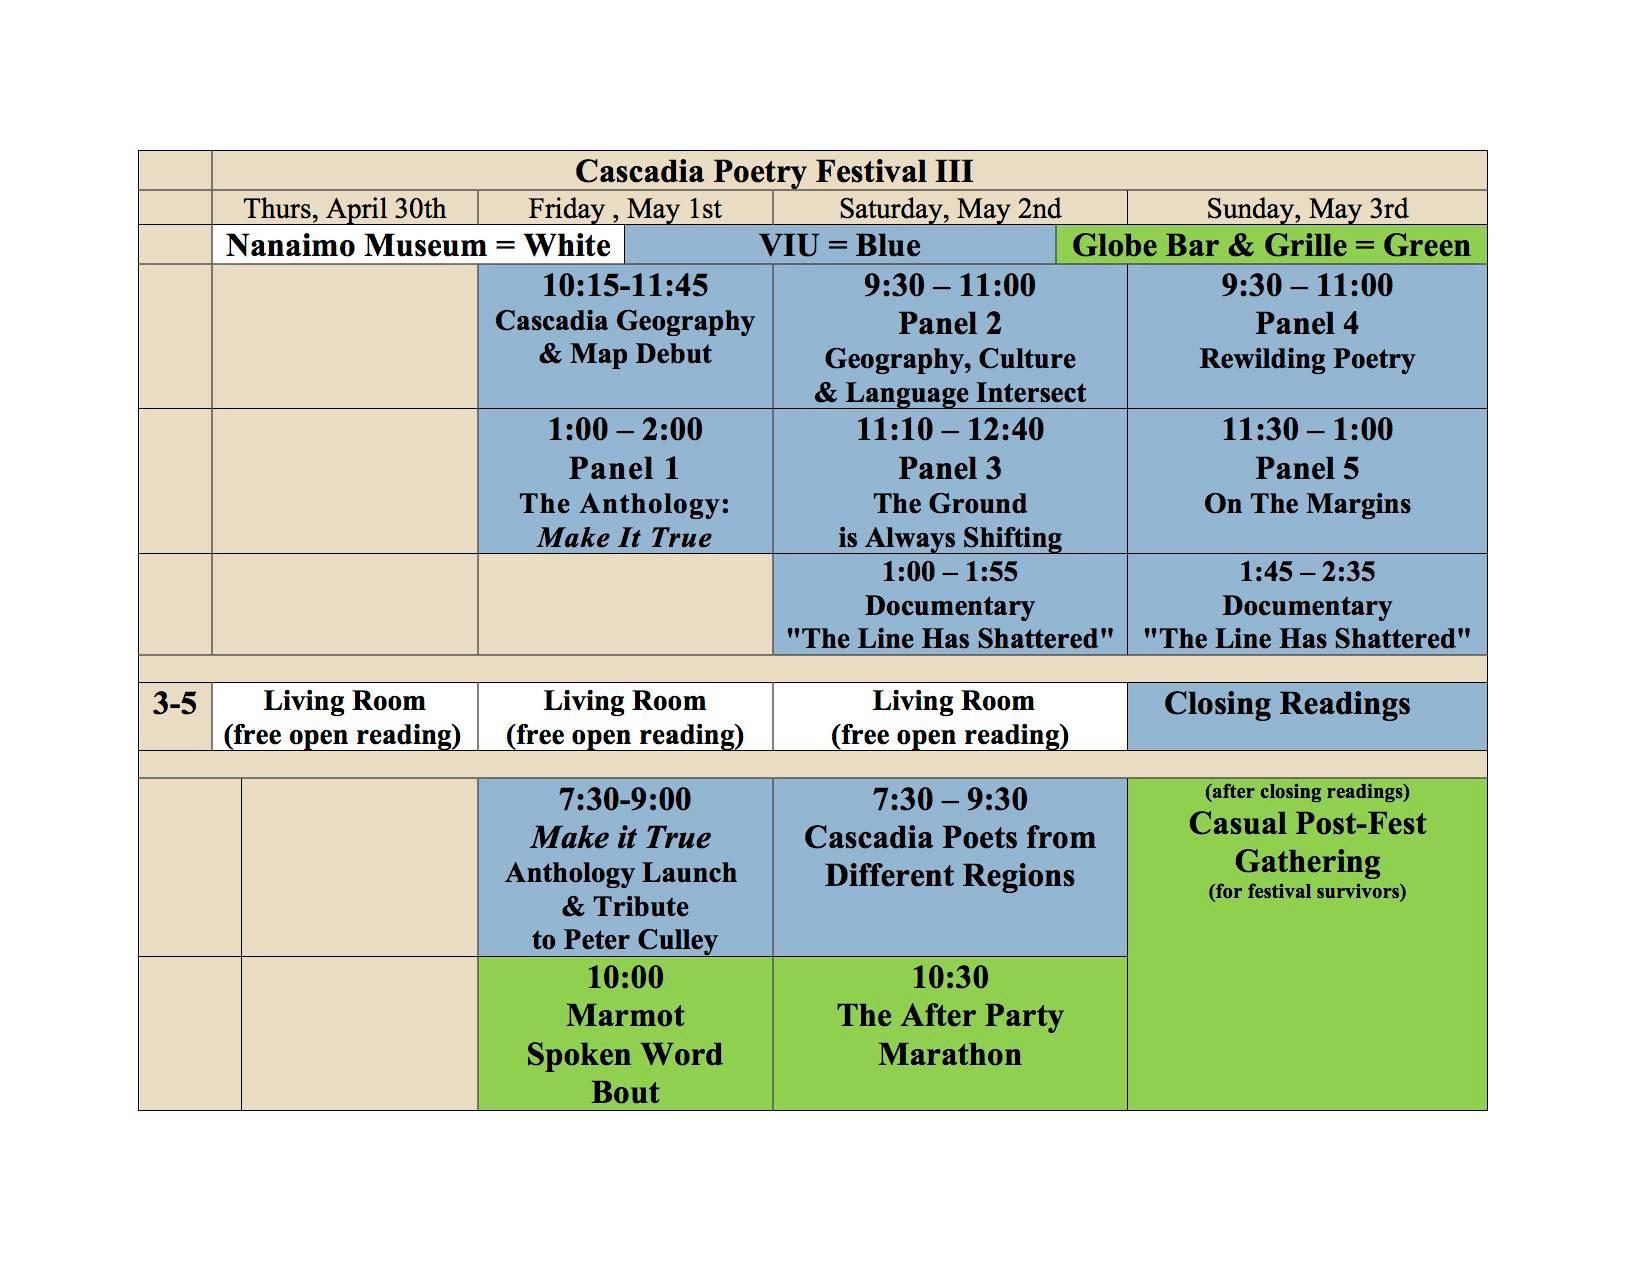 CPF3 Grid (Schedule)